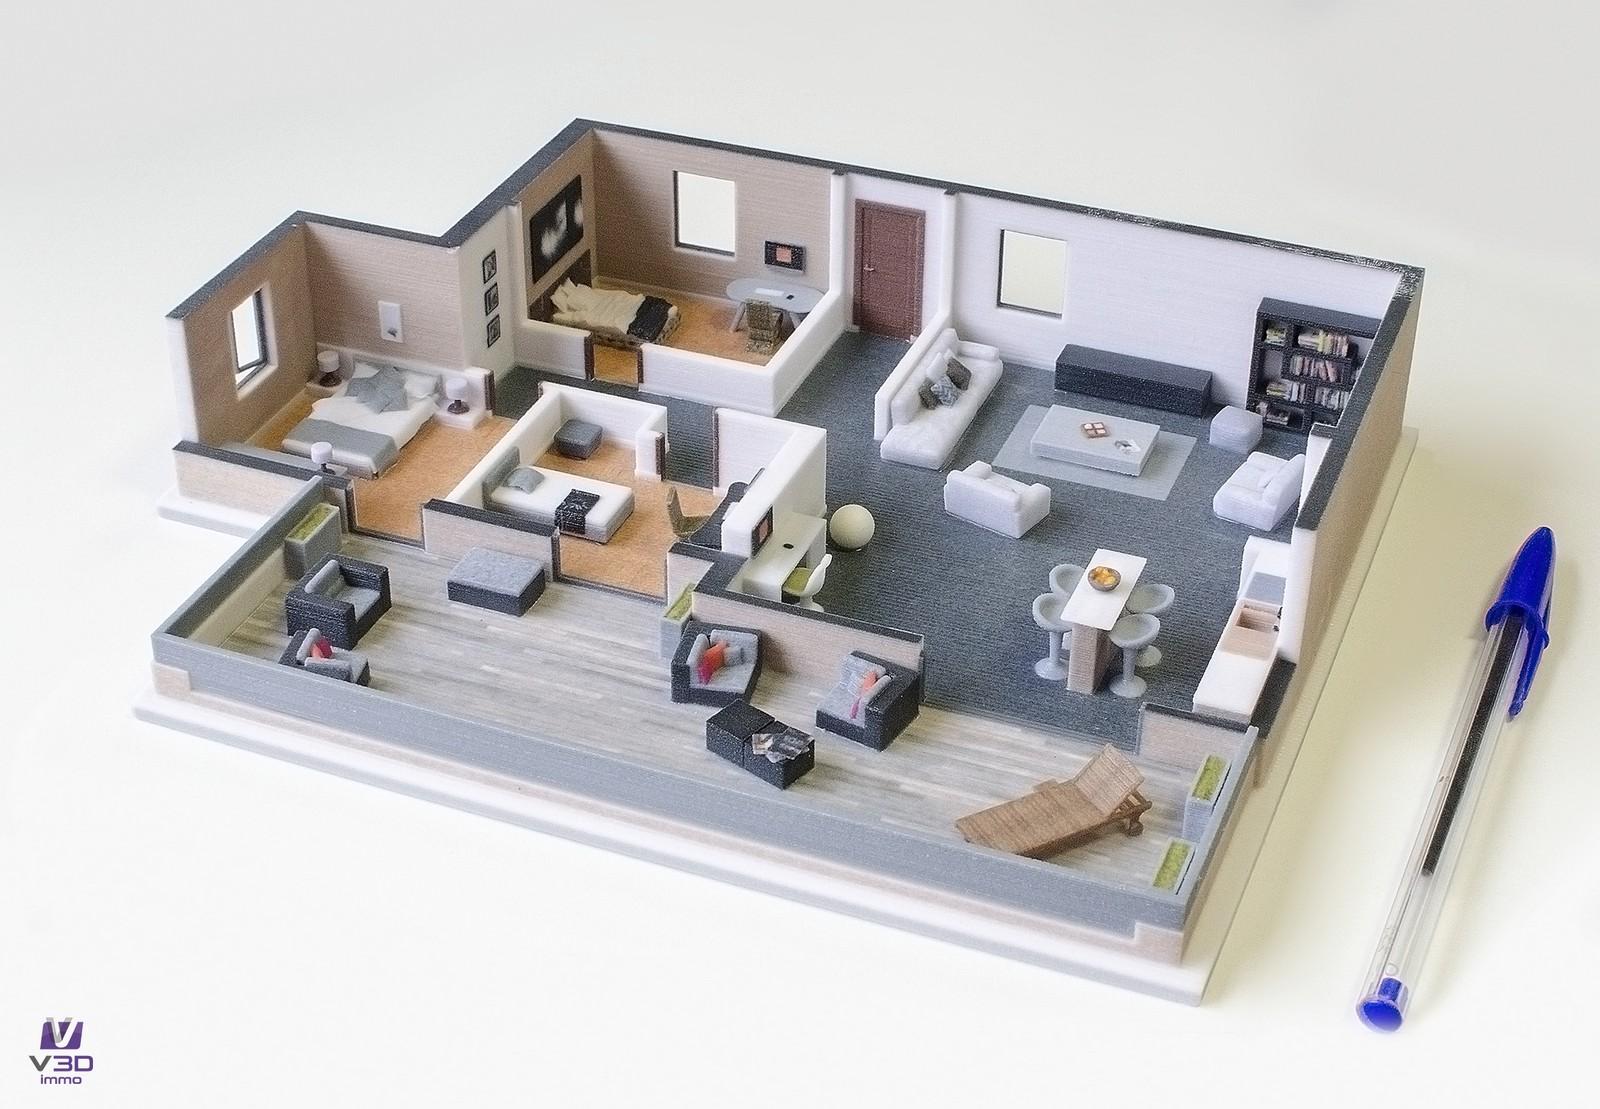 La maquette imprimée en 3D, un complément idéal au plan papier pour commercialiser des programmes immobilier VEFA